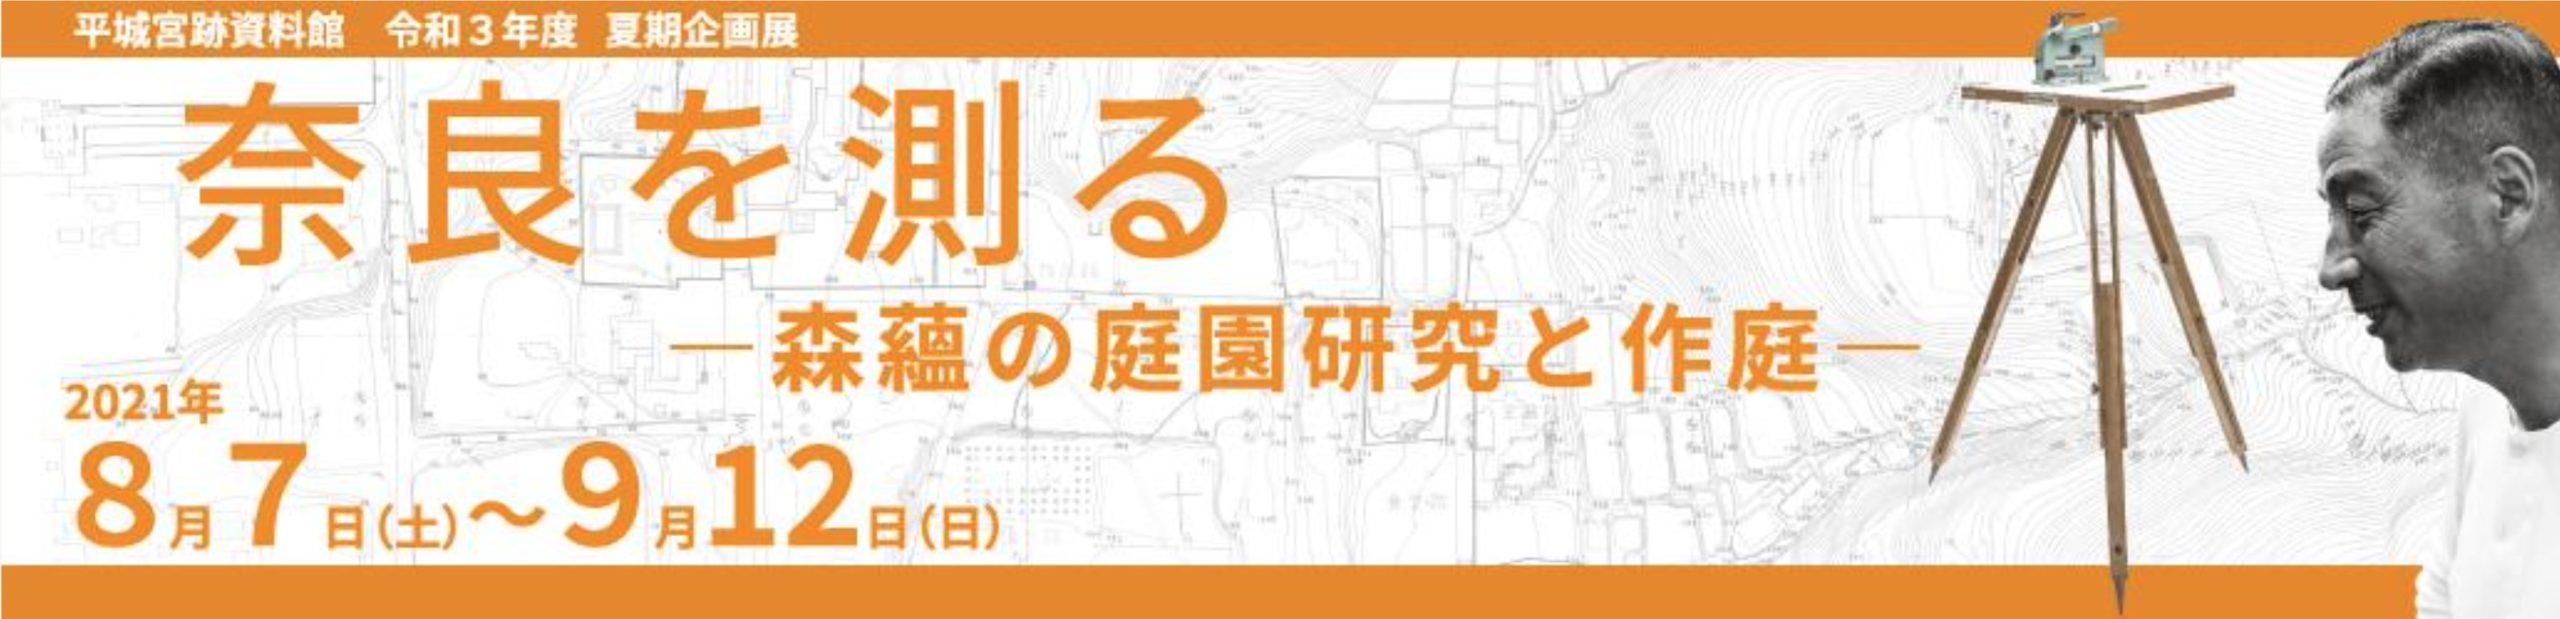 奈良を測る -森蘊の庭園研究と作庭-